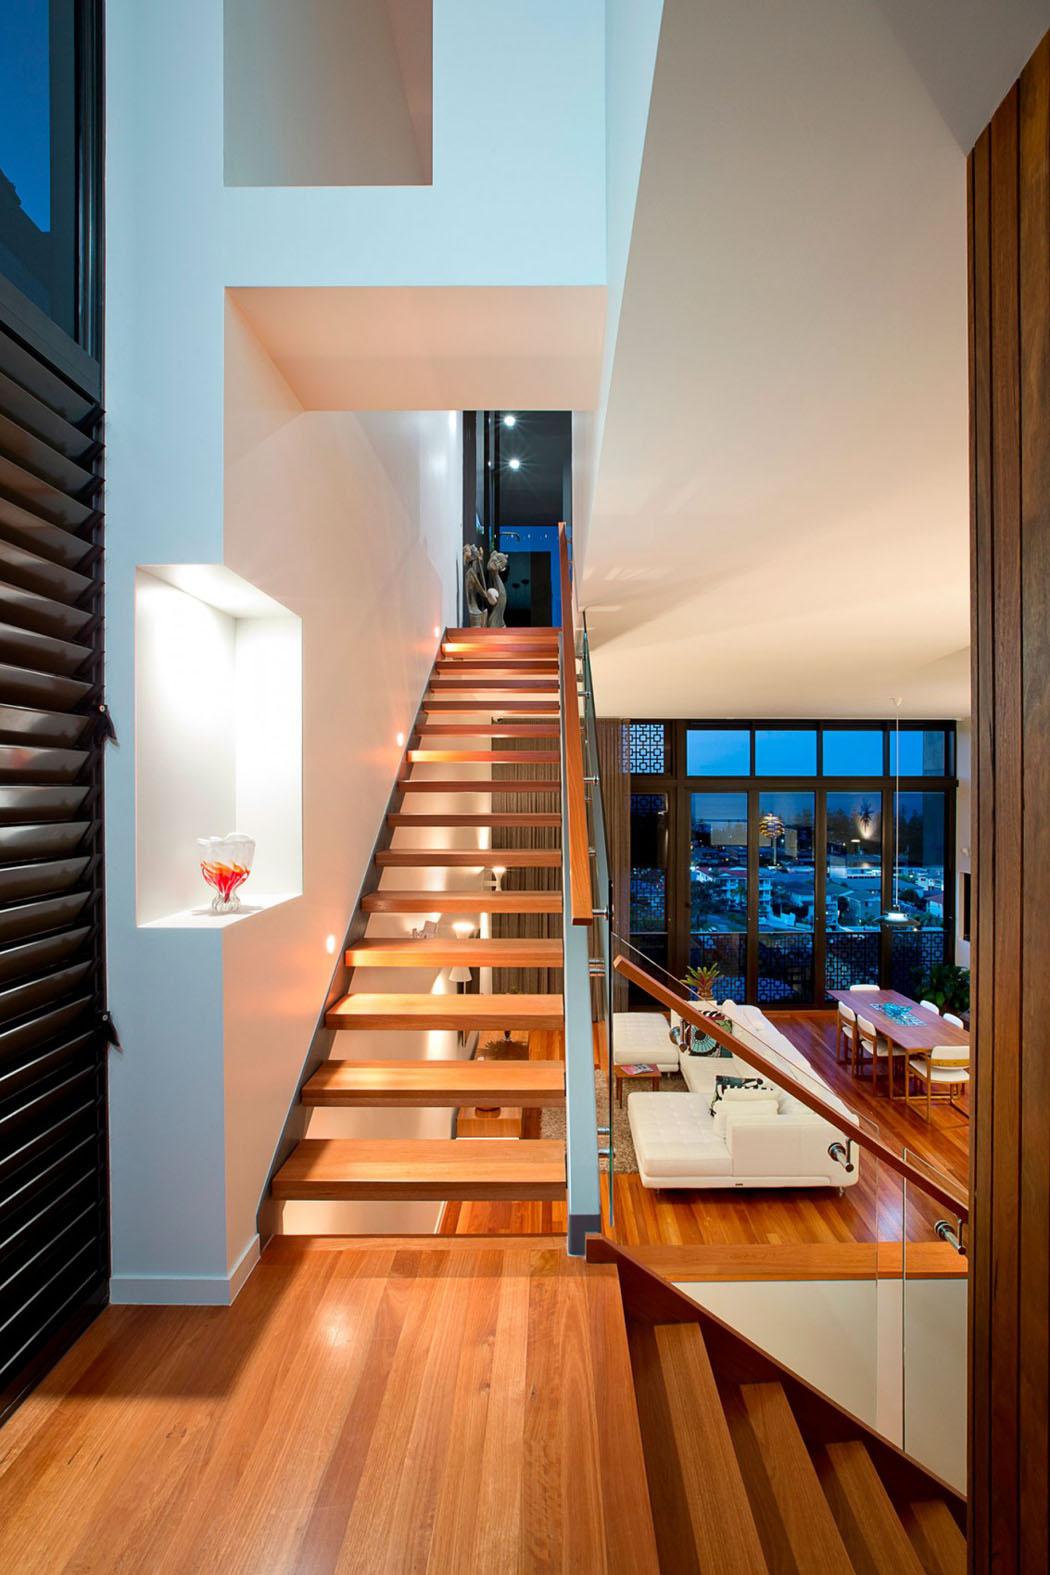 Jolie maison r nov e avec belle vue sur la ville - La demeure moderne gb house par mmeb architects ...